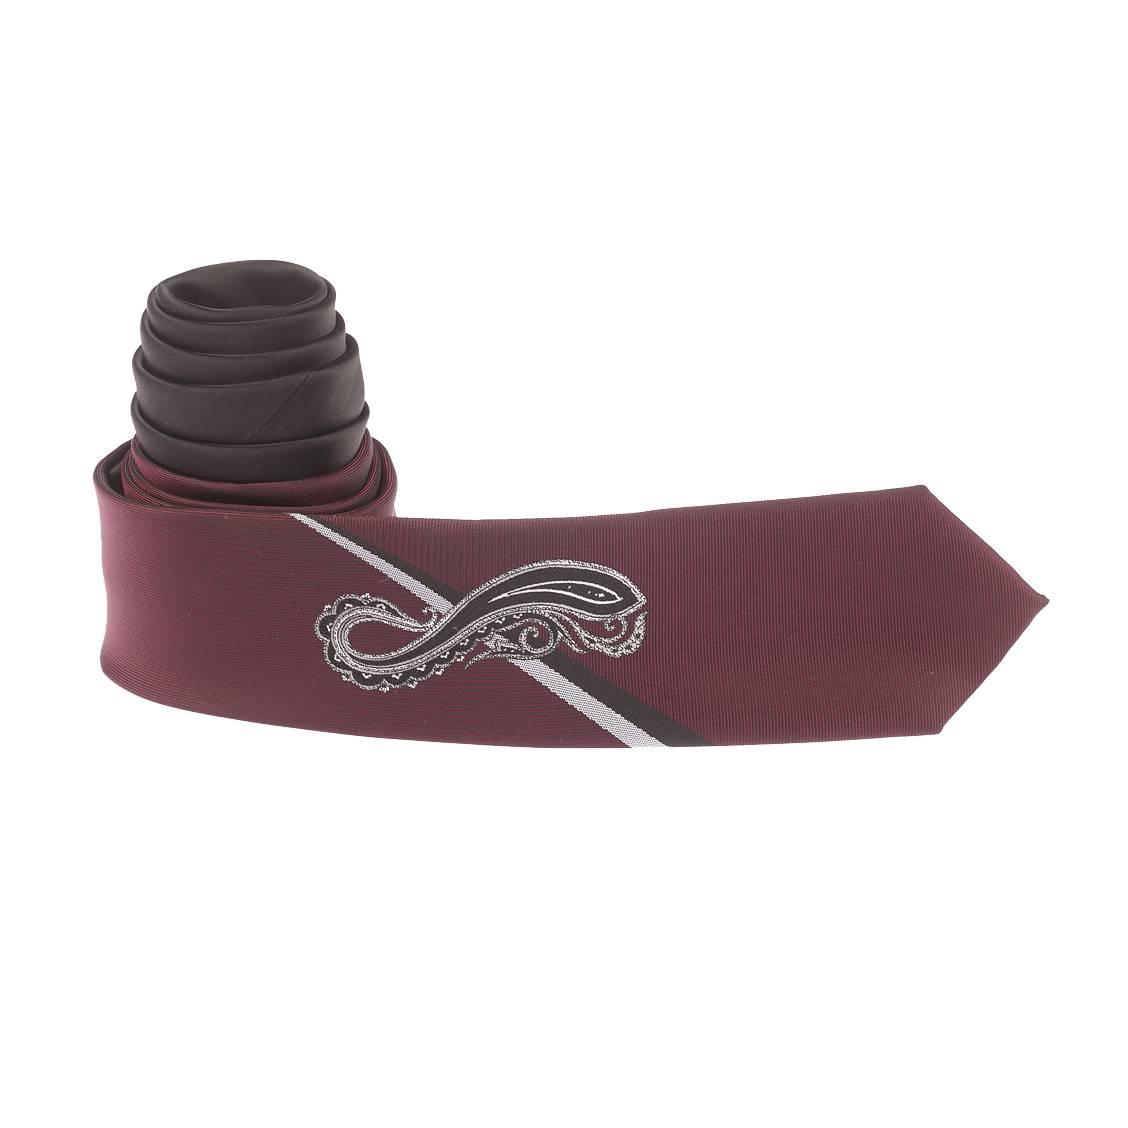 cravate-slim-prune-et-noire-a-motif-cachemire-noir-et-gris